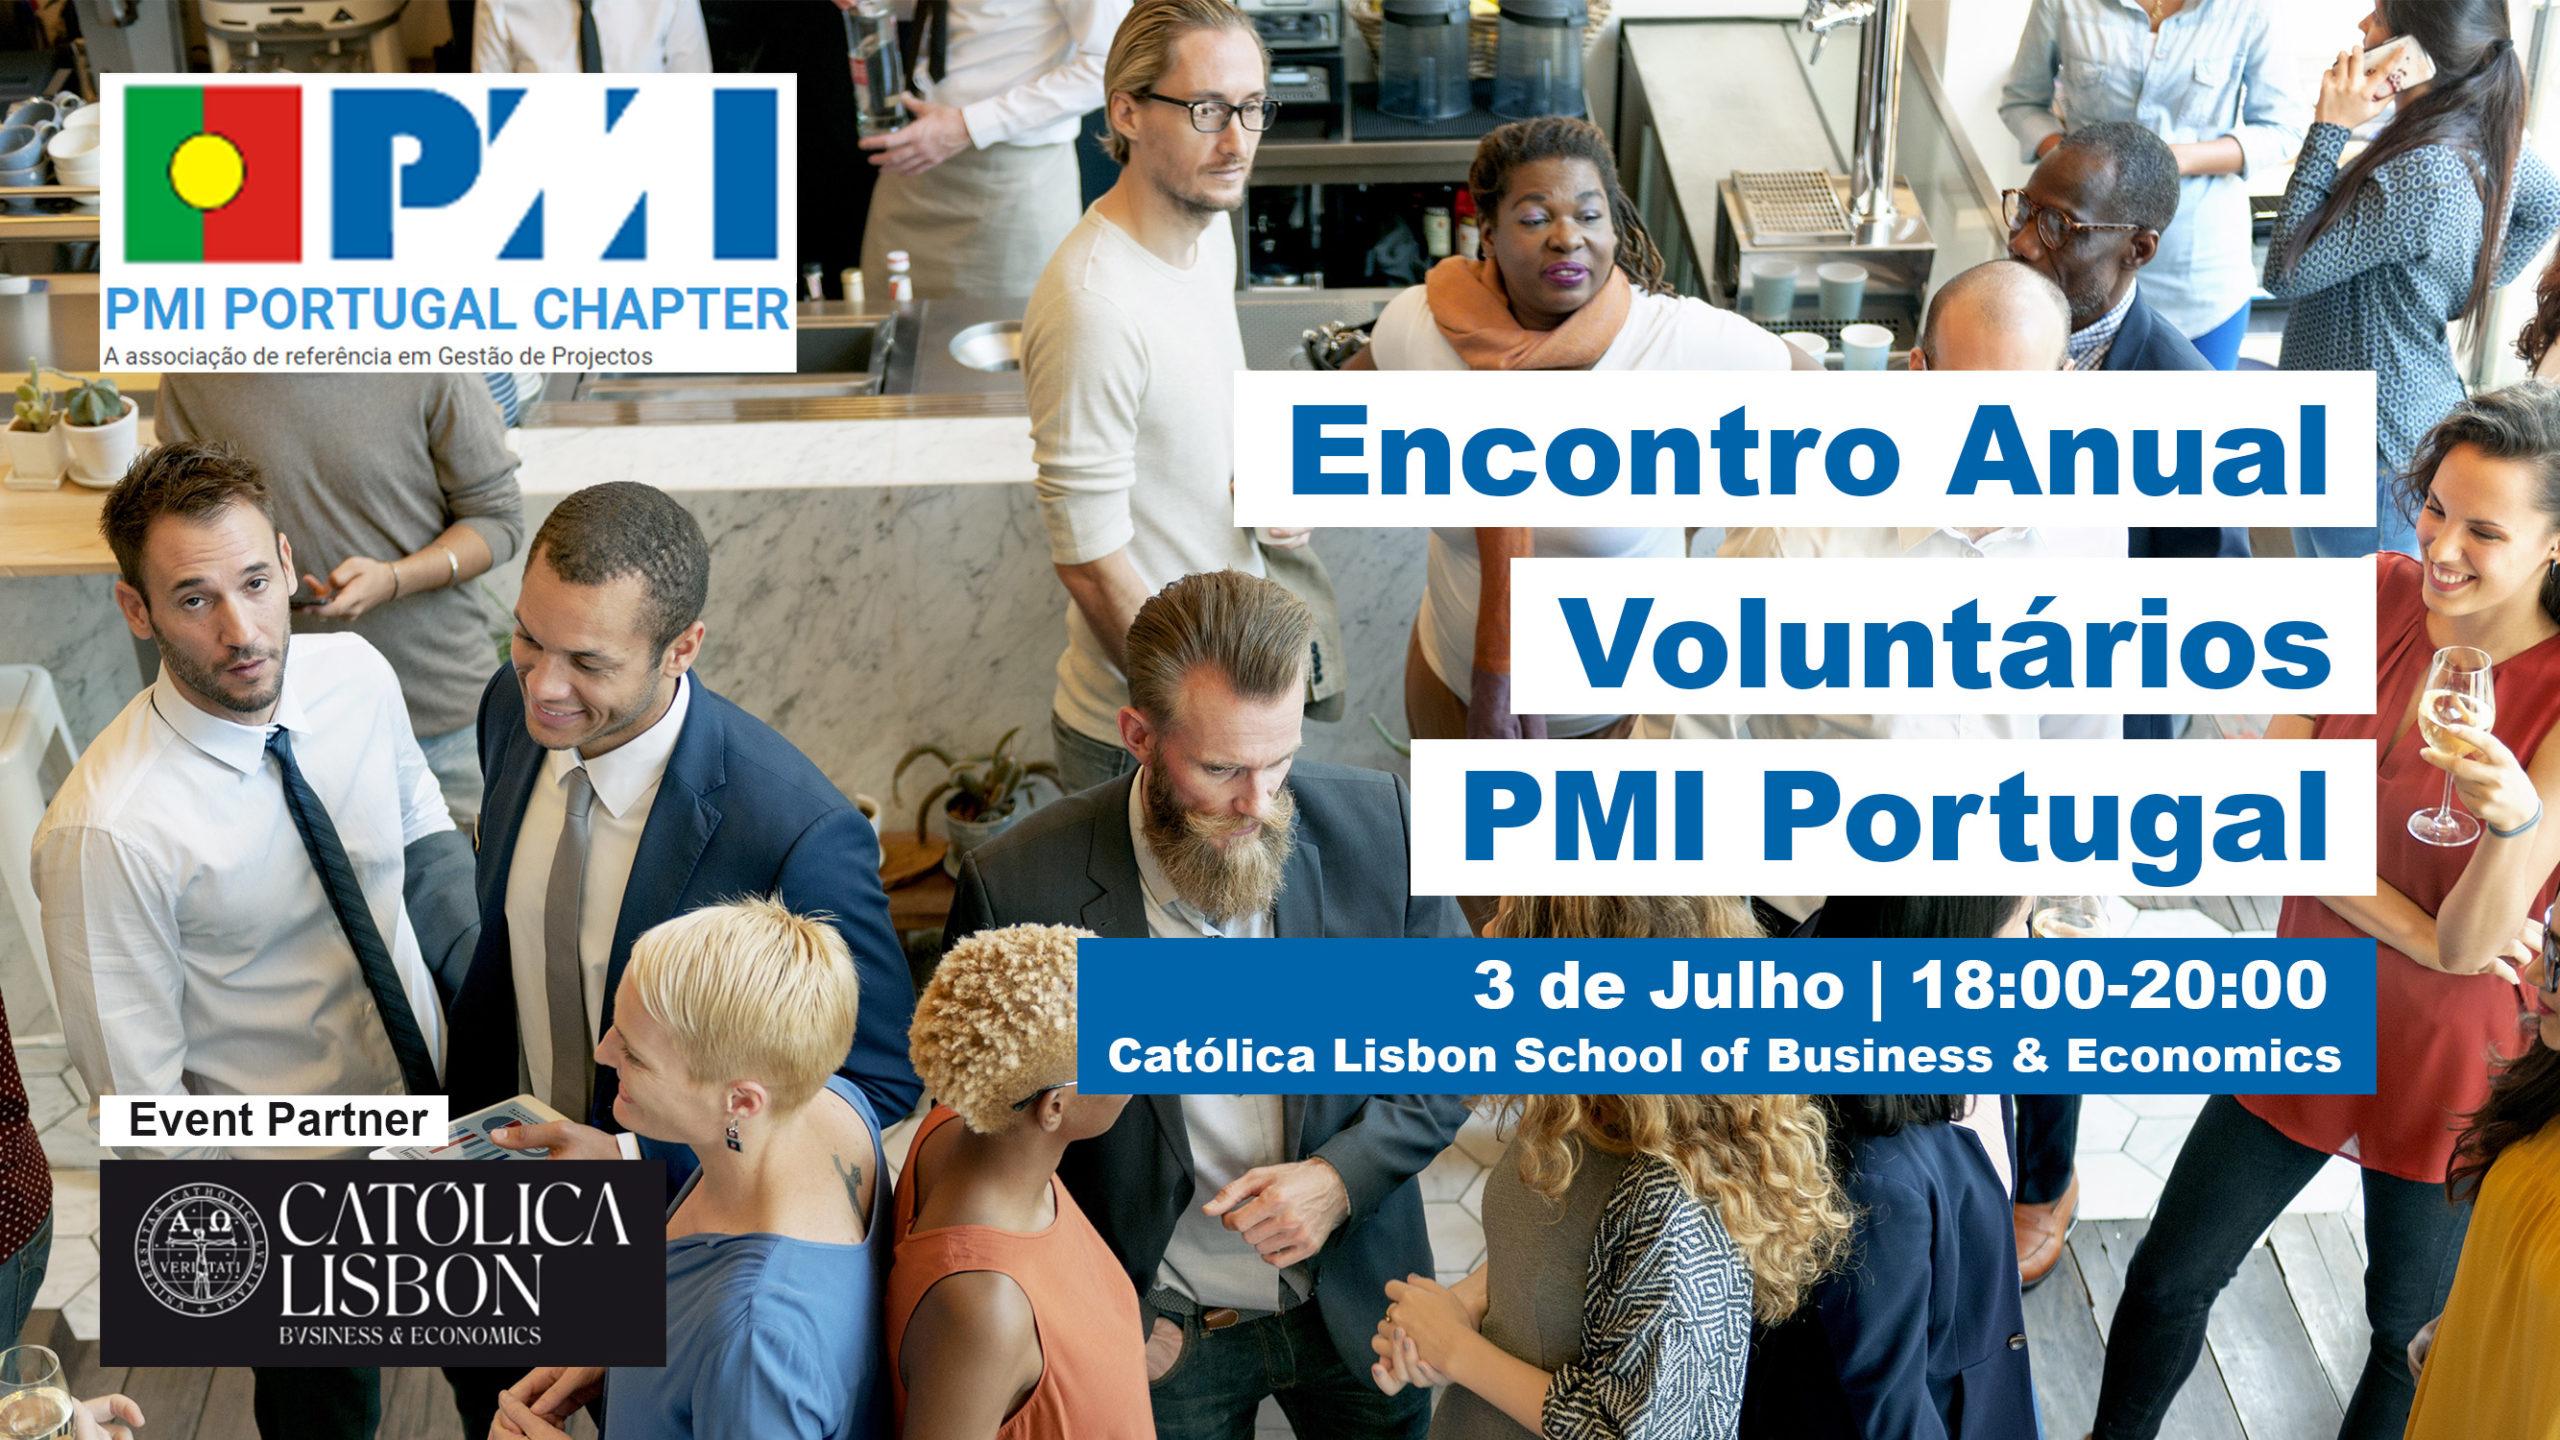 Encontro Anual Voluntarios